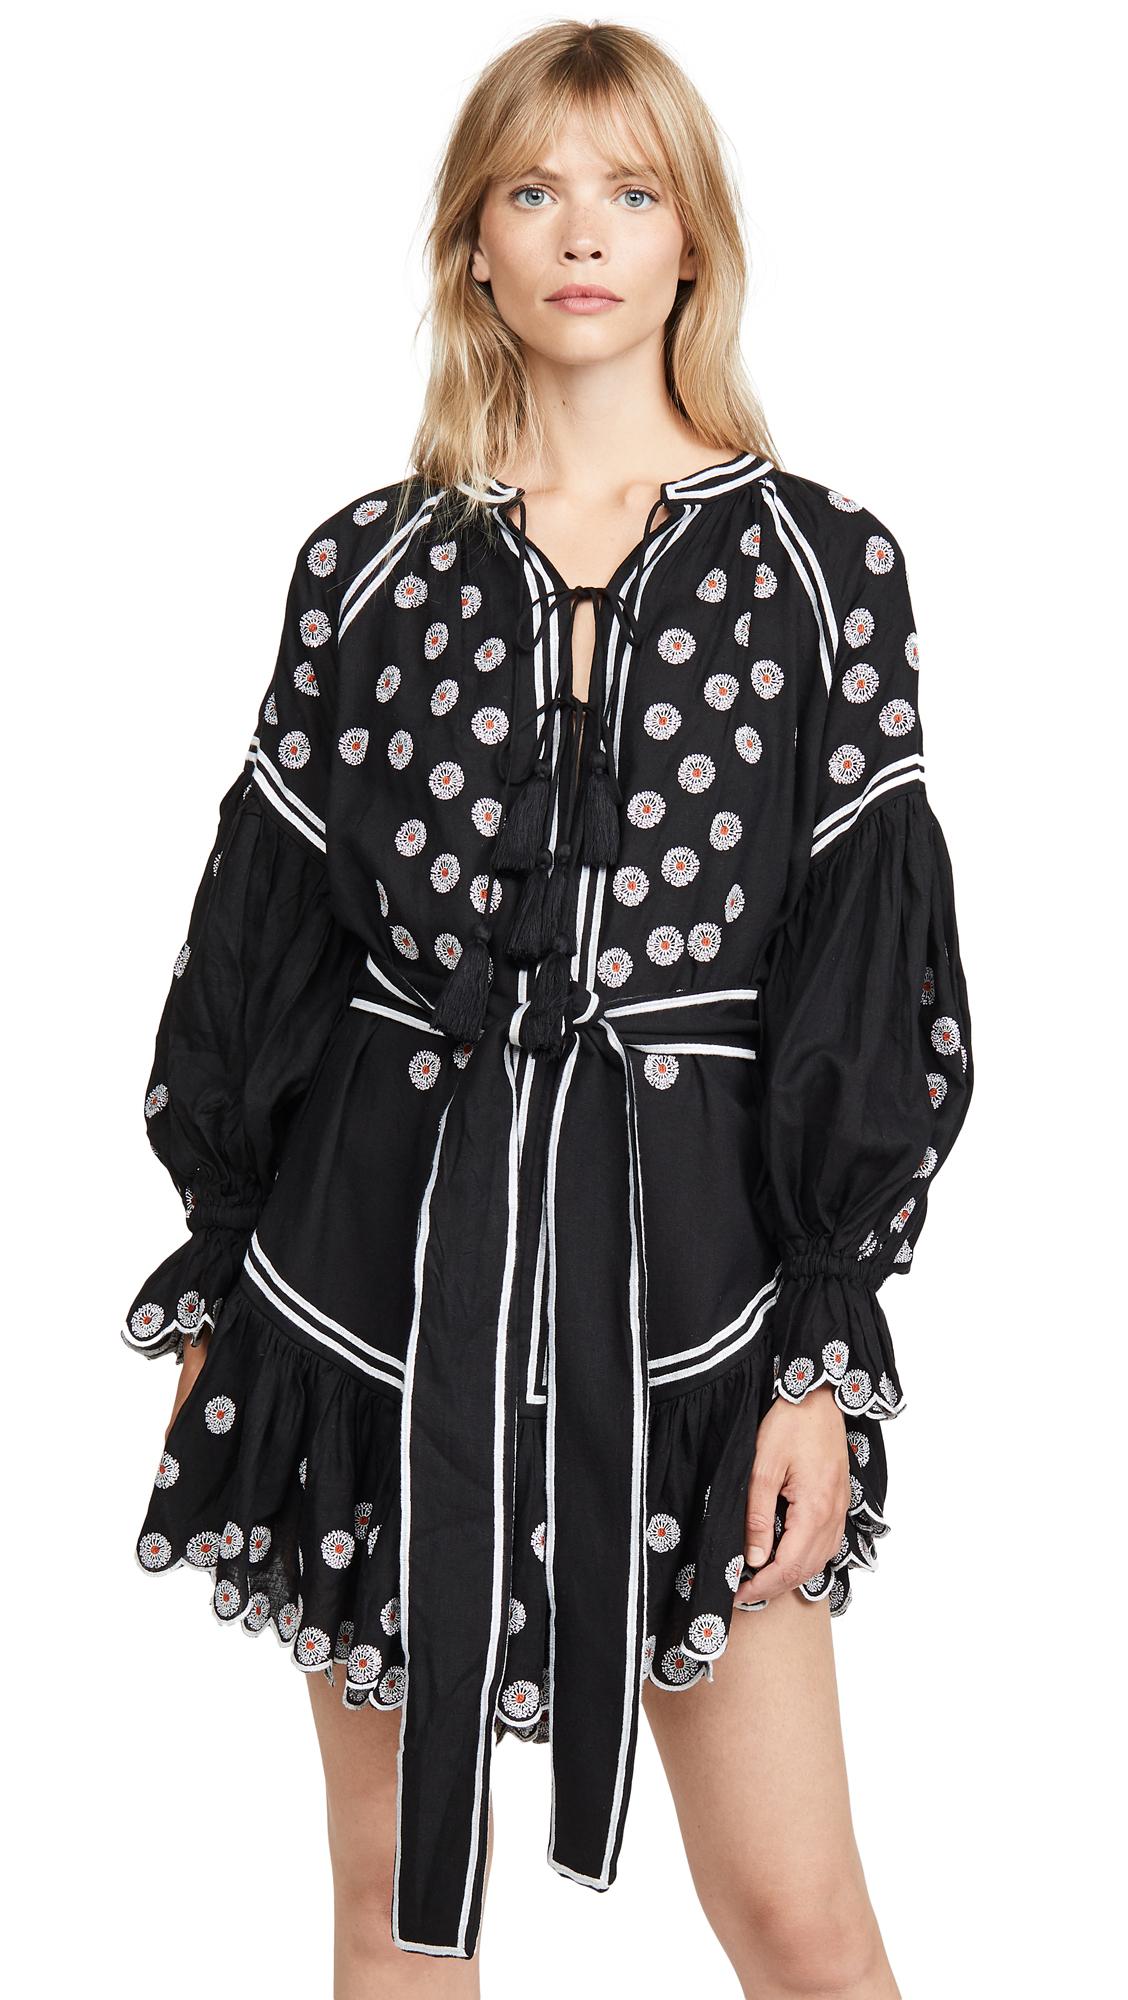 Acler Spencer Dress - Black